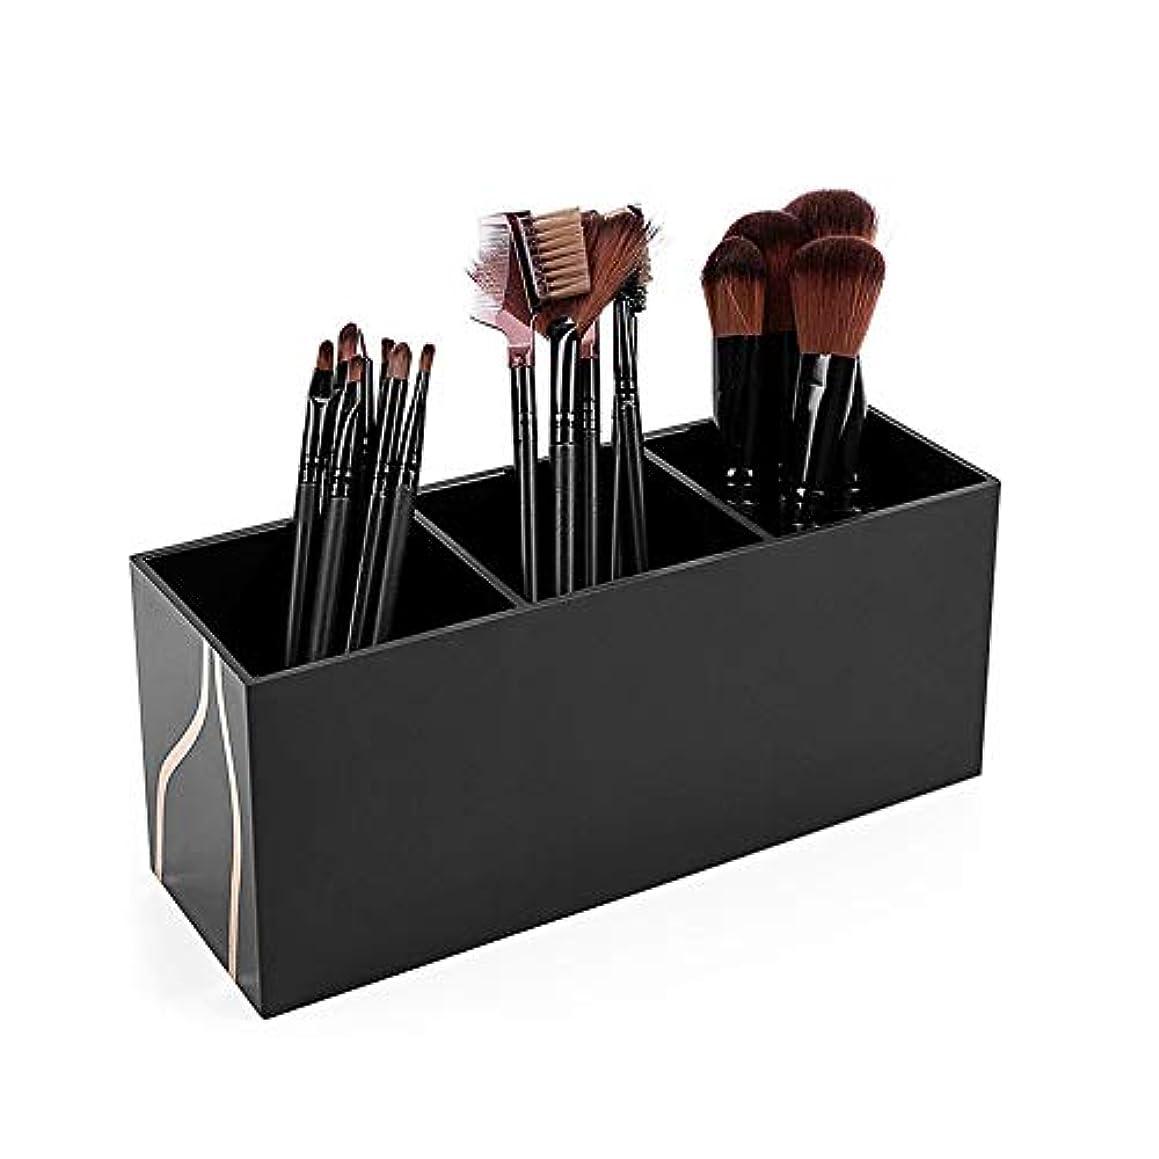 整理簡単 シンプルなブラシホルダーアクリル化粧オーガナイザー化粧品収納ケーススタンド用メイクアップブラシ (Color : Black, Size : 20*8.7*7cm)